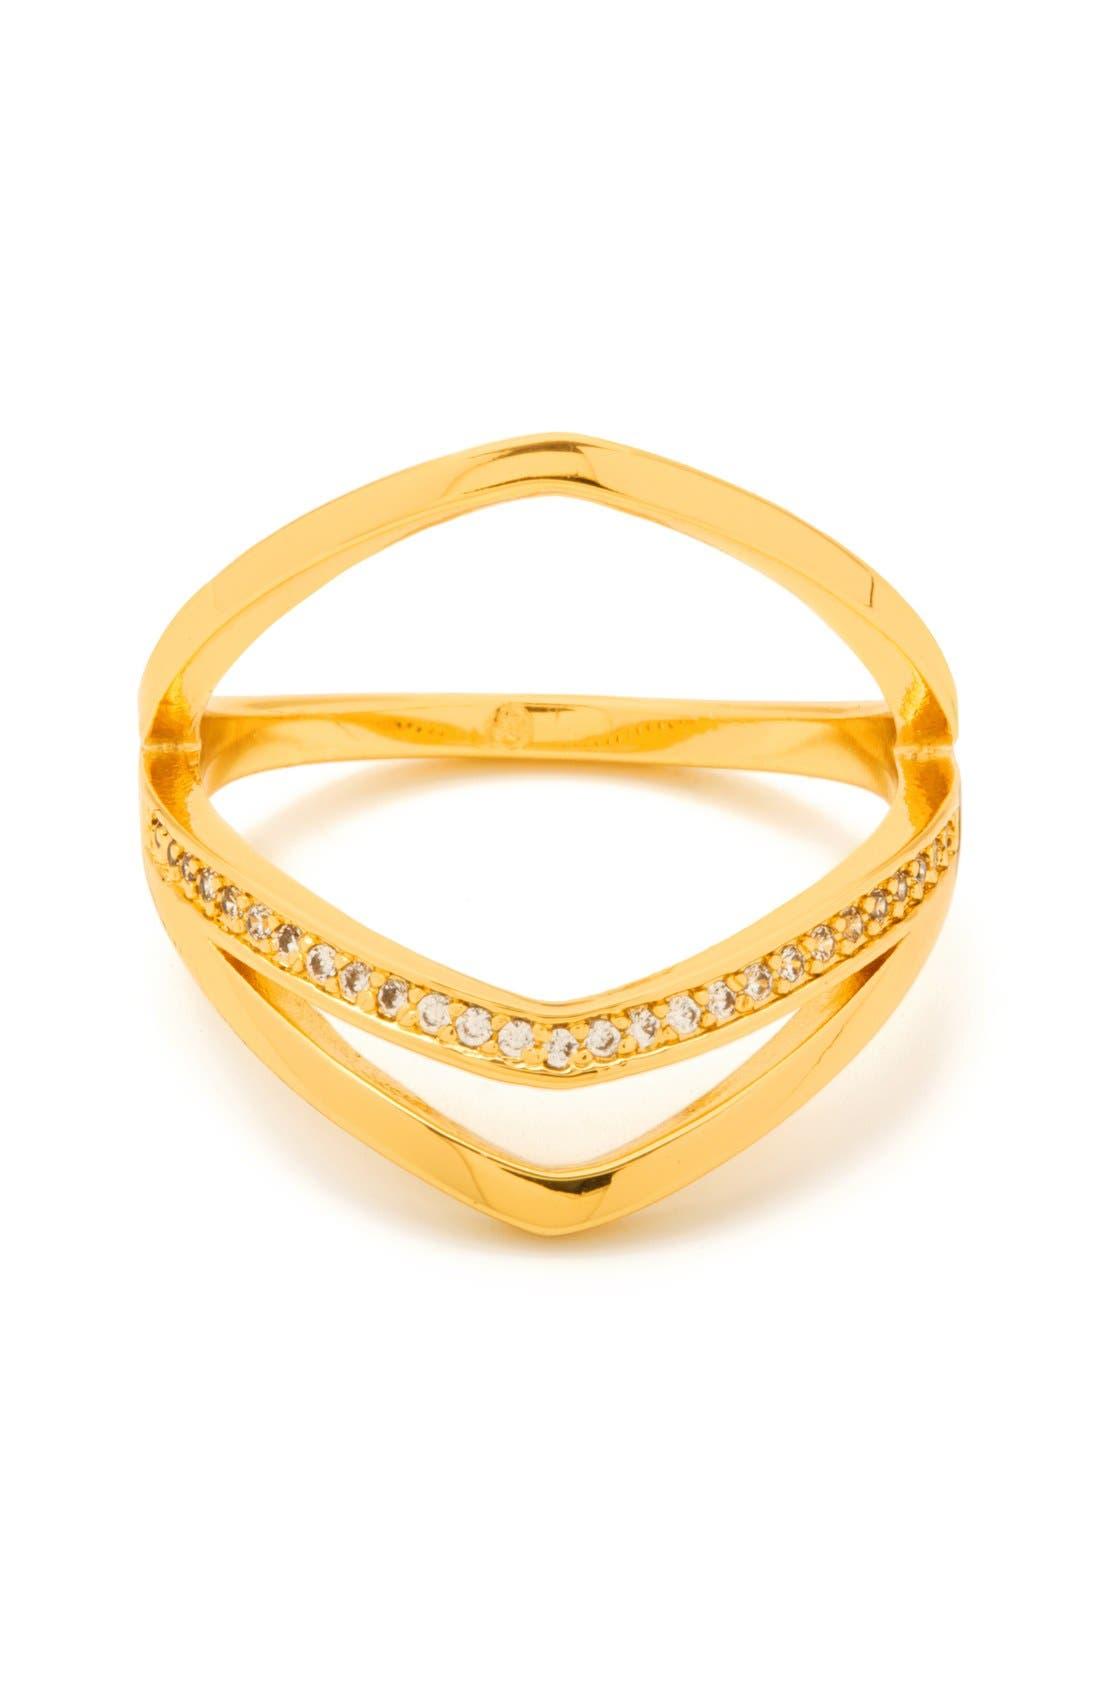 Alternate Image 1 Selected - gorjana 'Cress Shimmer' Split Ring